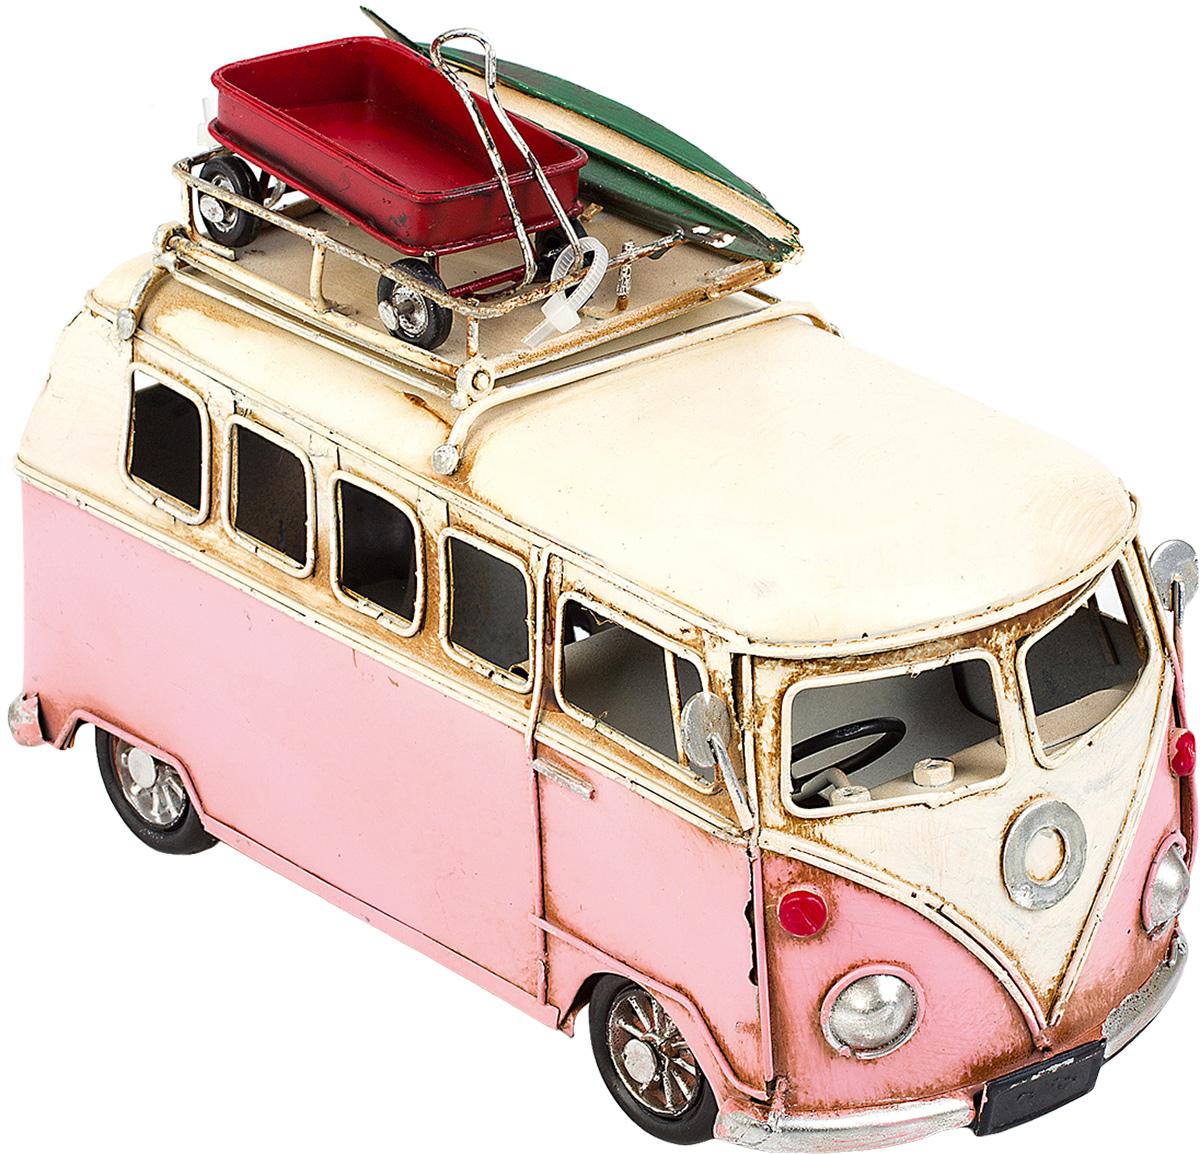 Модель Platinum Автобус, с фоторамкой. 1404E-435312723Модель Platinum Автобус, выполненная из металла, станет оригинальным украшением вашего интерьера. Вы можете поставить модель автобуса в любом месте, где она будет удачно смотреться.Изделие дополнено фоторамкой, куда вы можете вставить вашу любимую фотографию.Качество исполнения, точные детали и оригинальный дизайн выделяют эту модель среди ряда подобных. Модель займет достойное место в вашей коллекции, а также приятно удивит получателя в качестве стильного сувенира.Размер фотографии: 4 х 5 см.